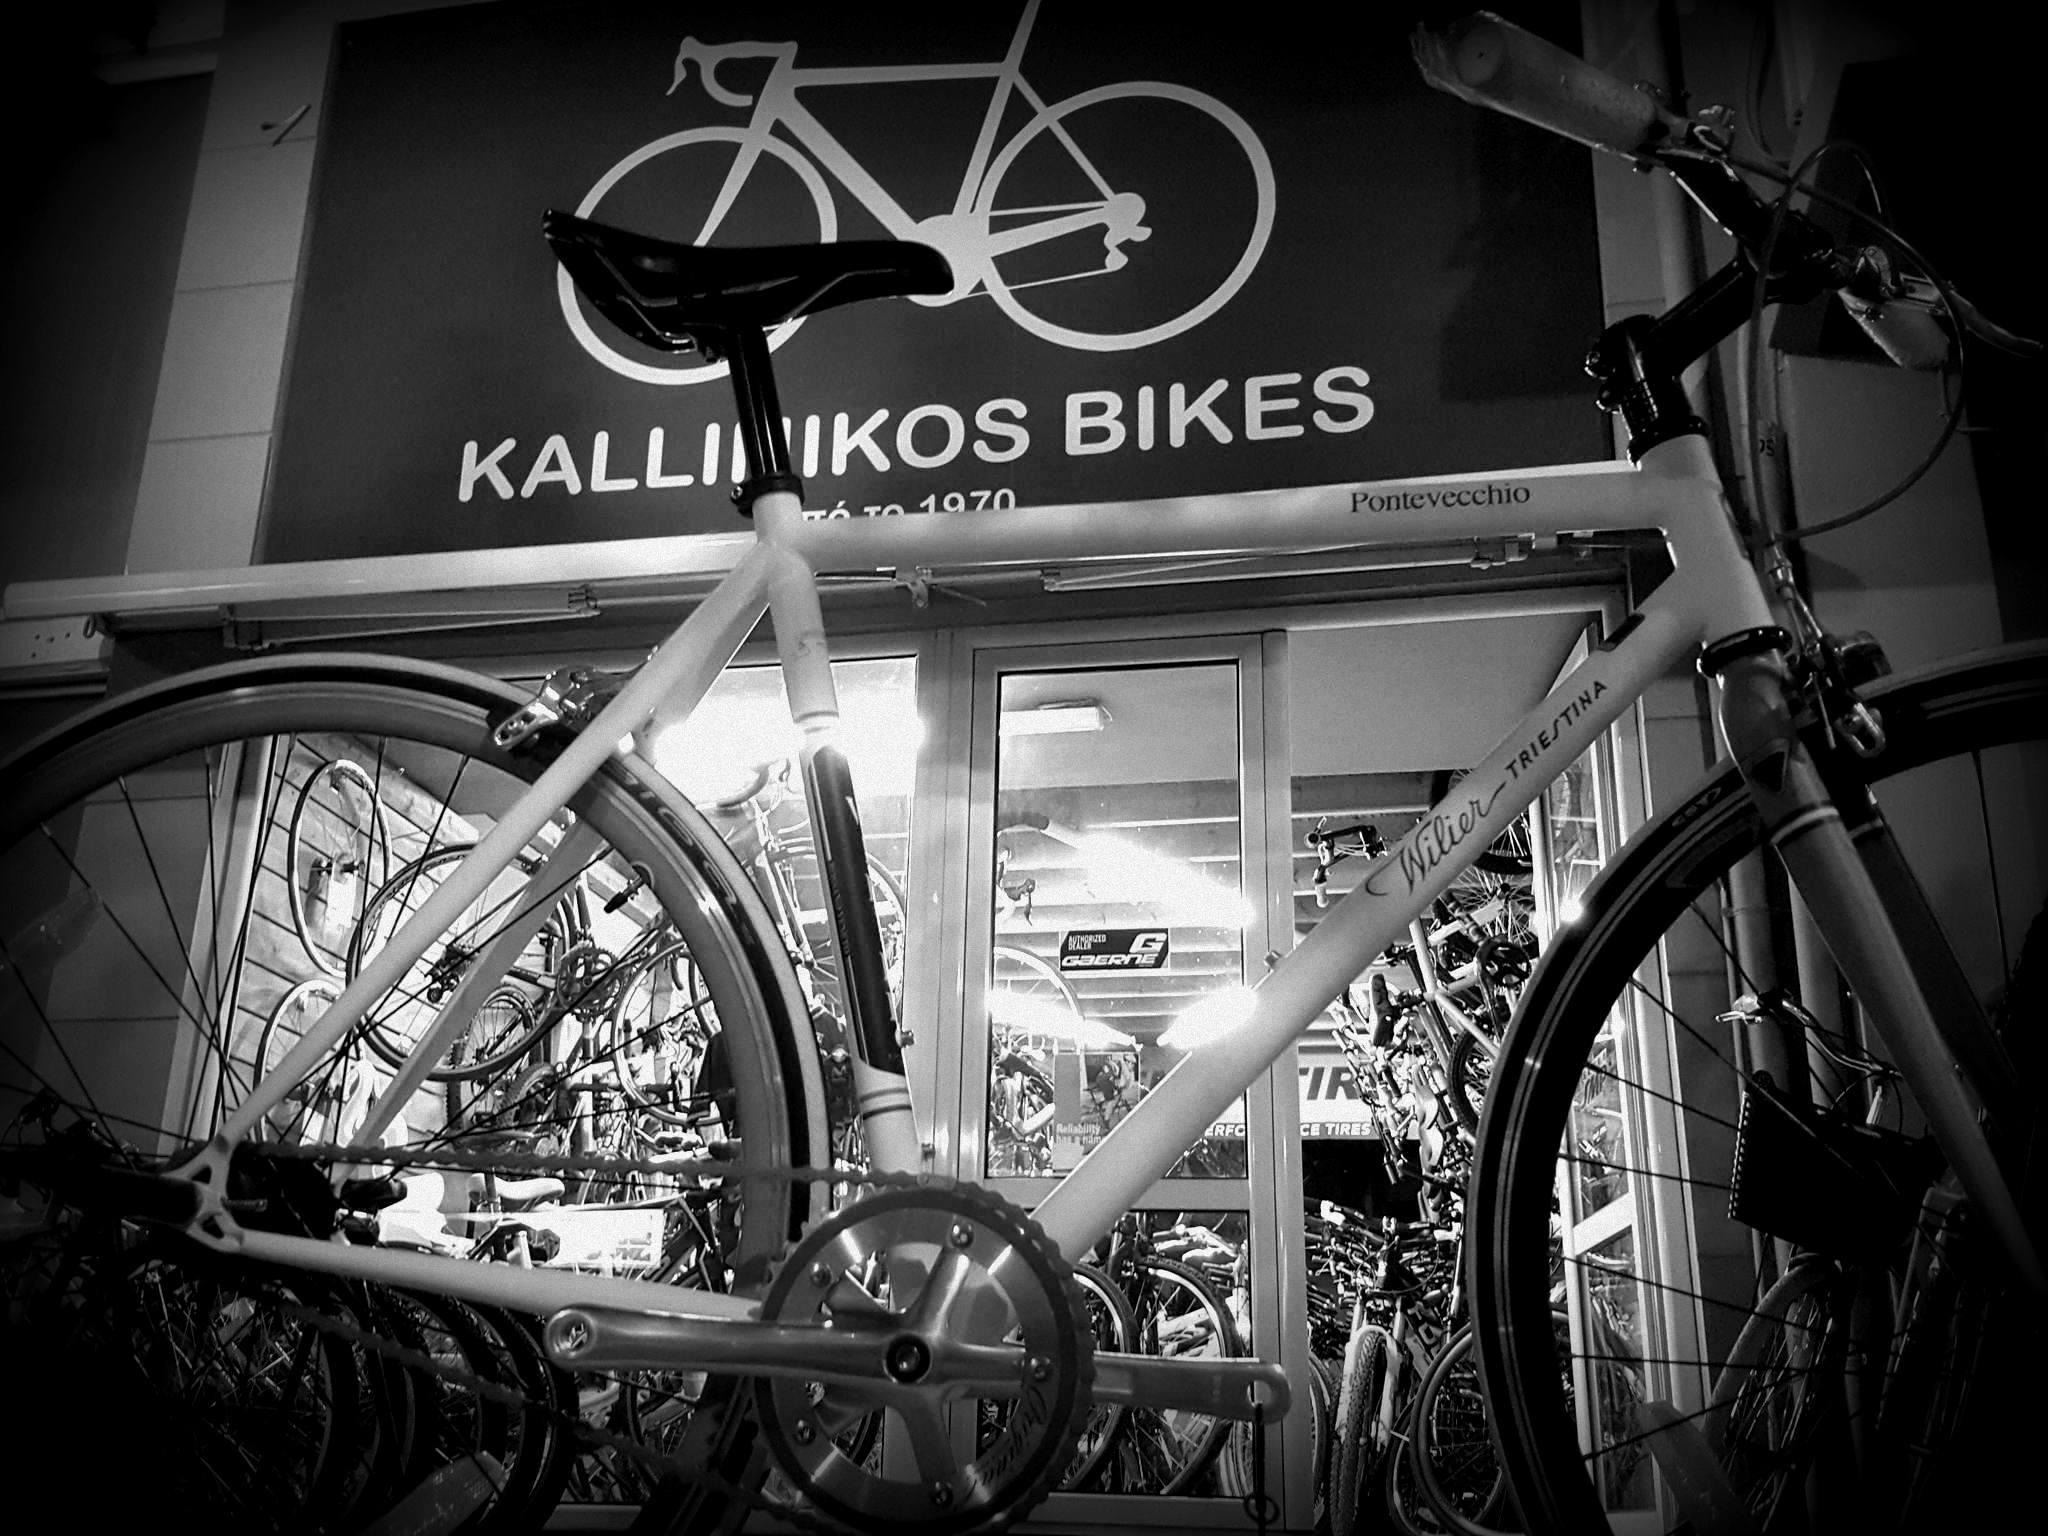 Κατάστημα ποδηλάτων Kallinikos Bikes